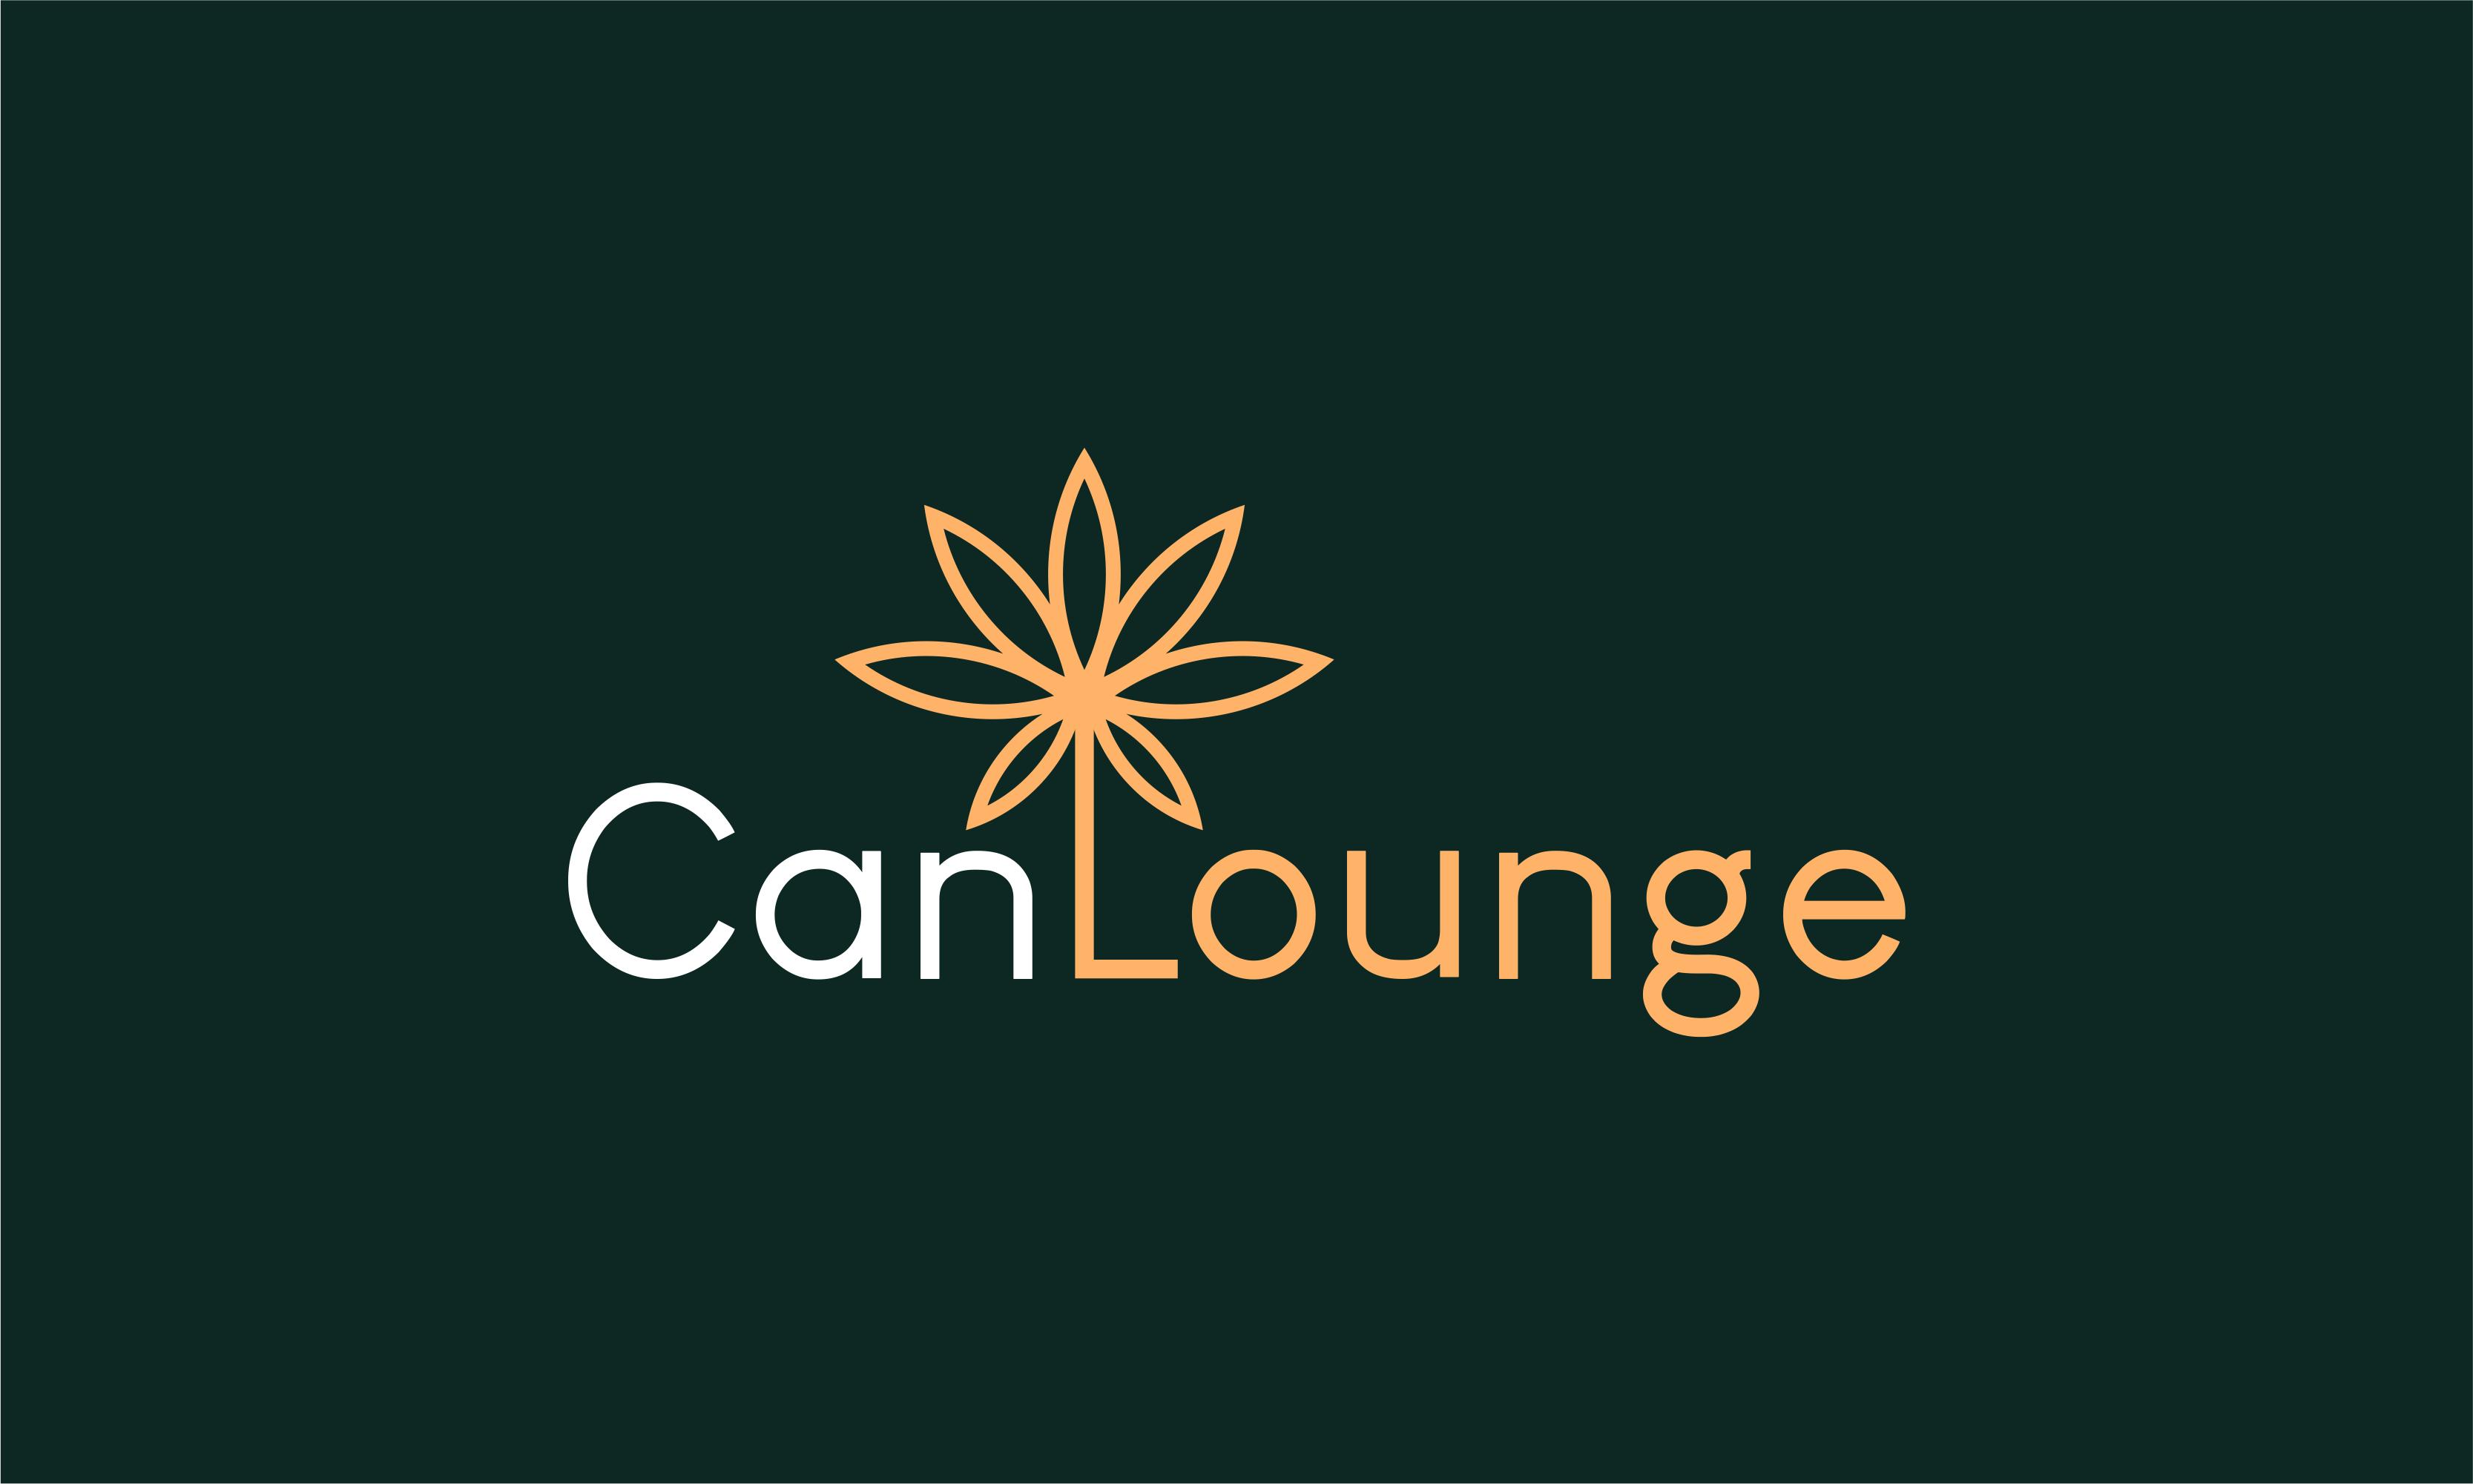 Canlounge